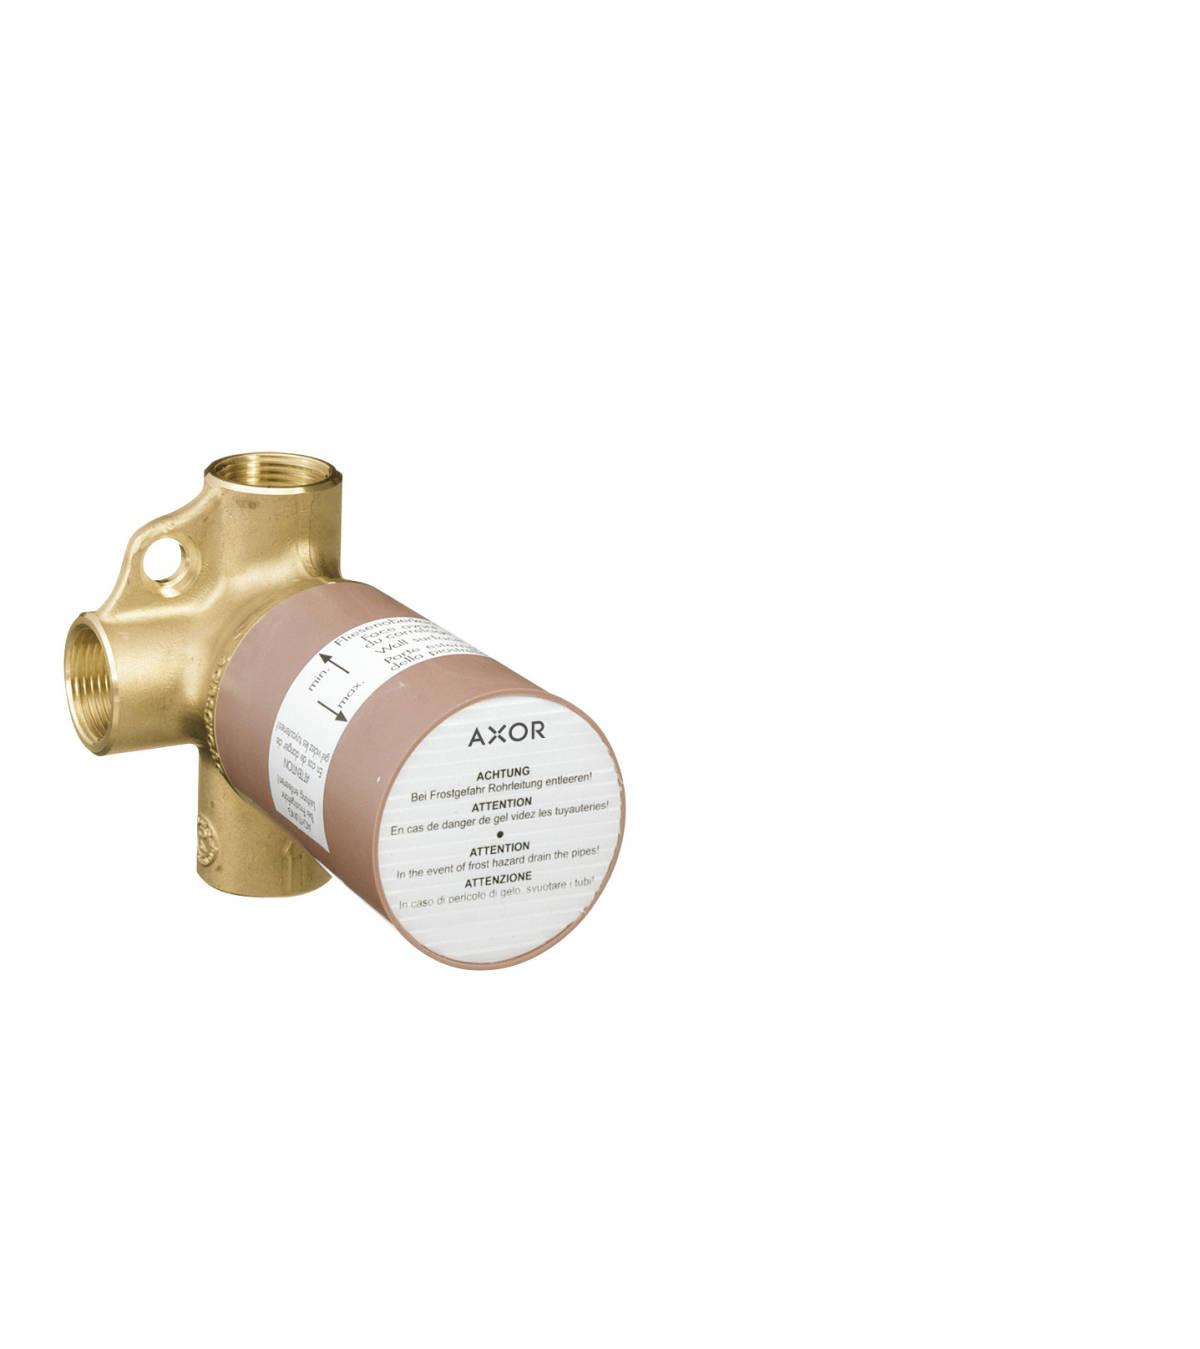 Basic set for shut-off/ diverter valve Trio for concealed installation, n.a., 16982180